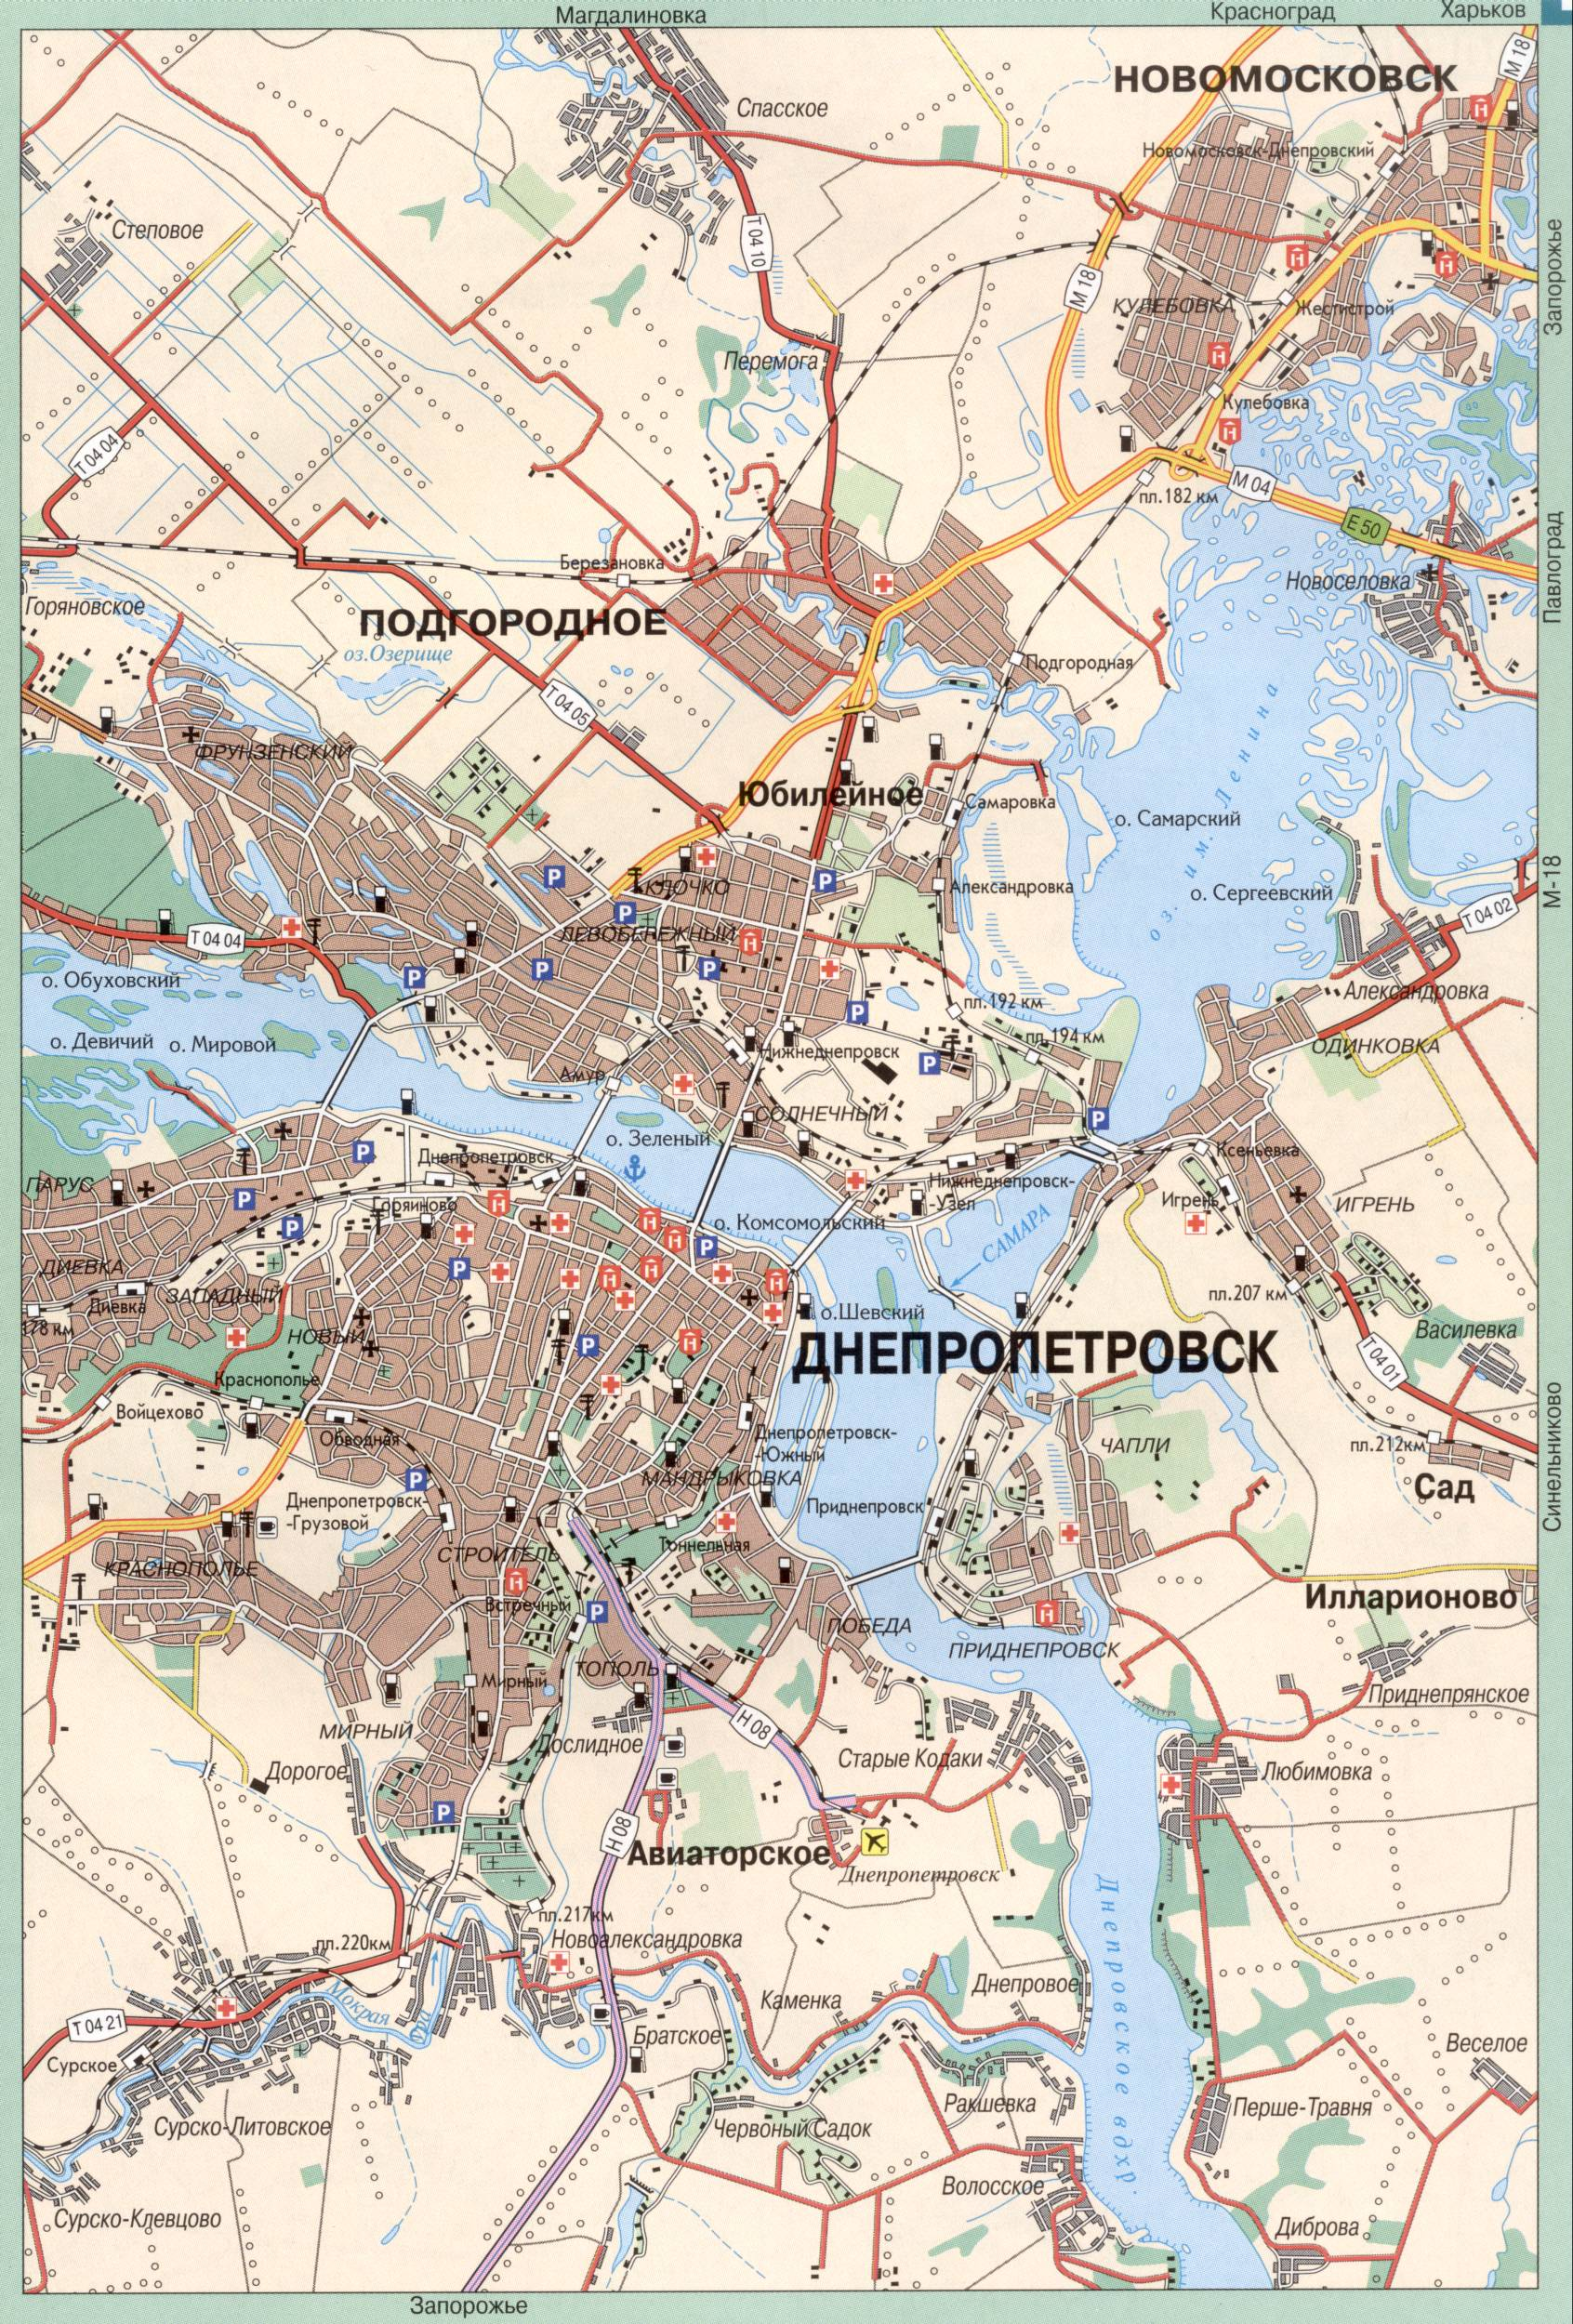 днепропетровск знакомства по карте города